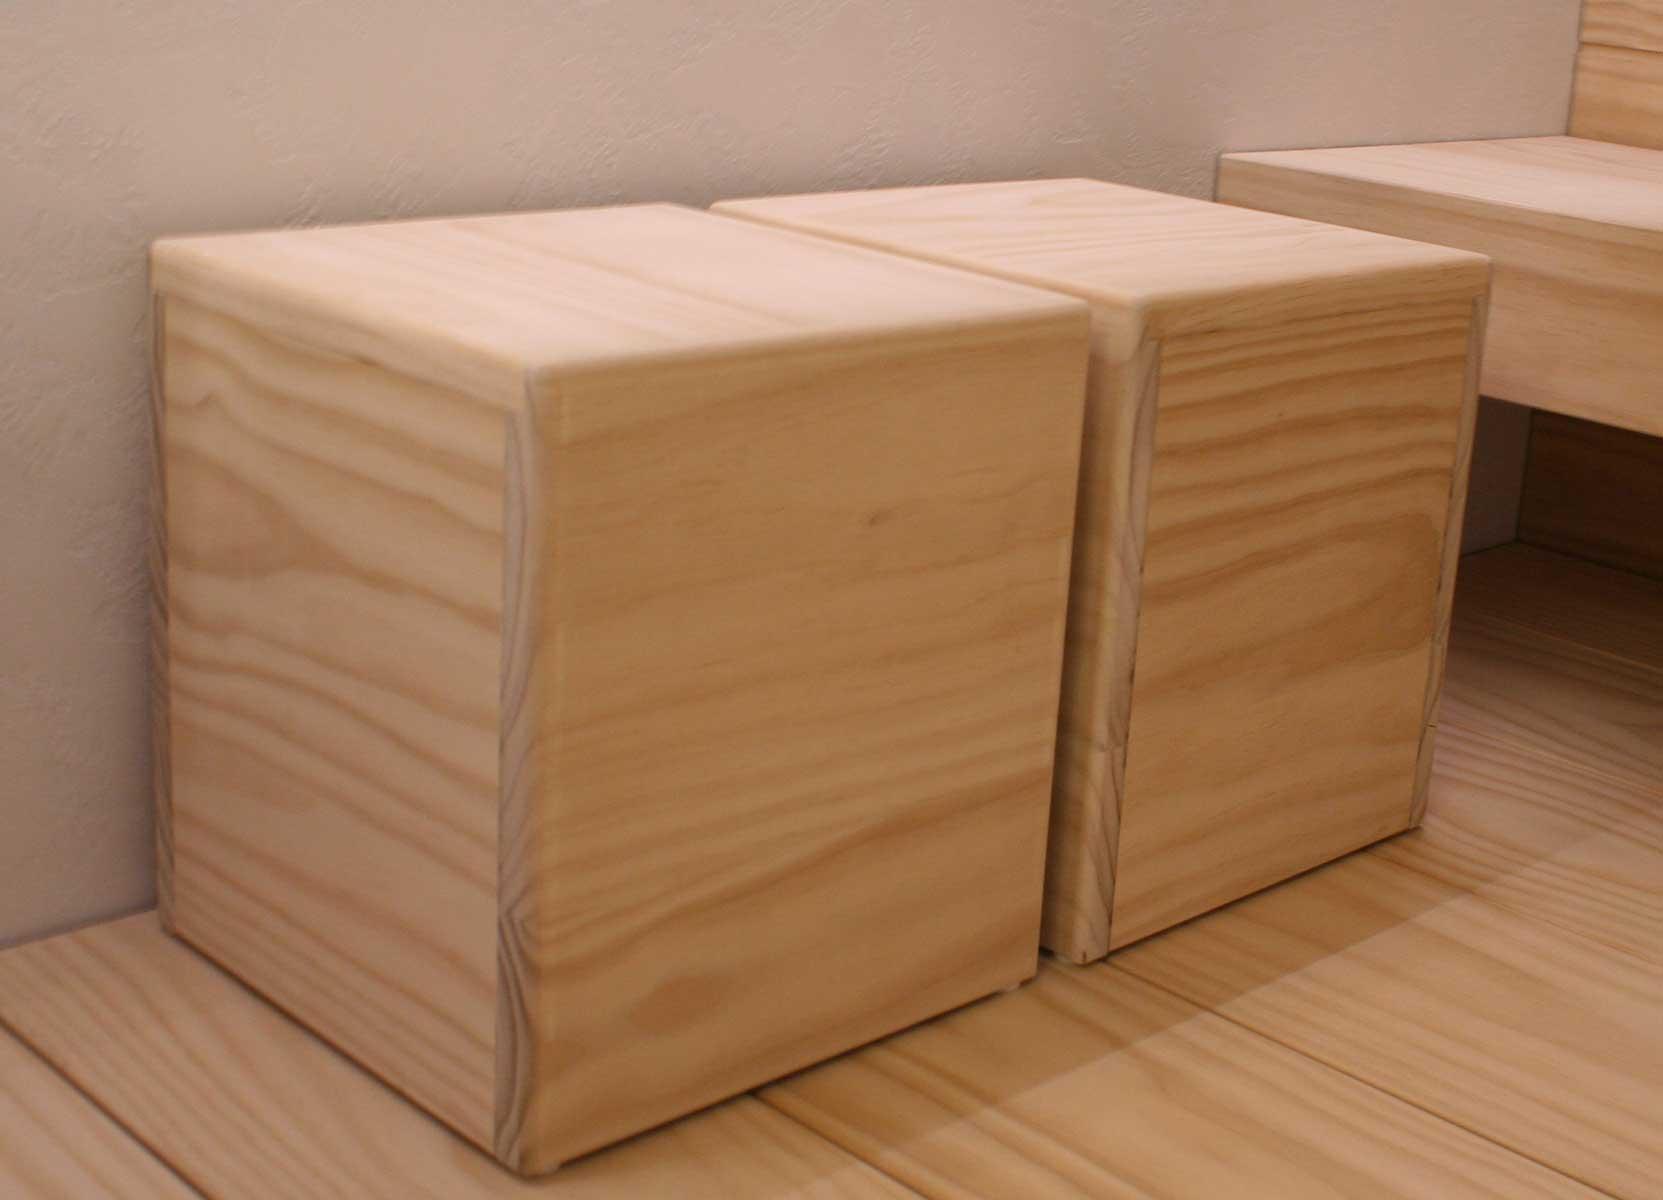 Accoyasta tehdyt lauteet saunassa ja saunajakkarata, istuimet